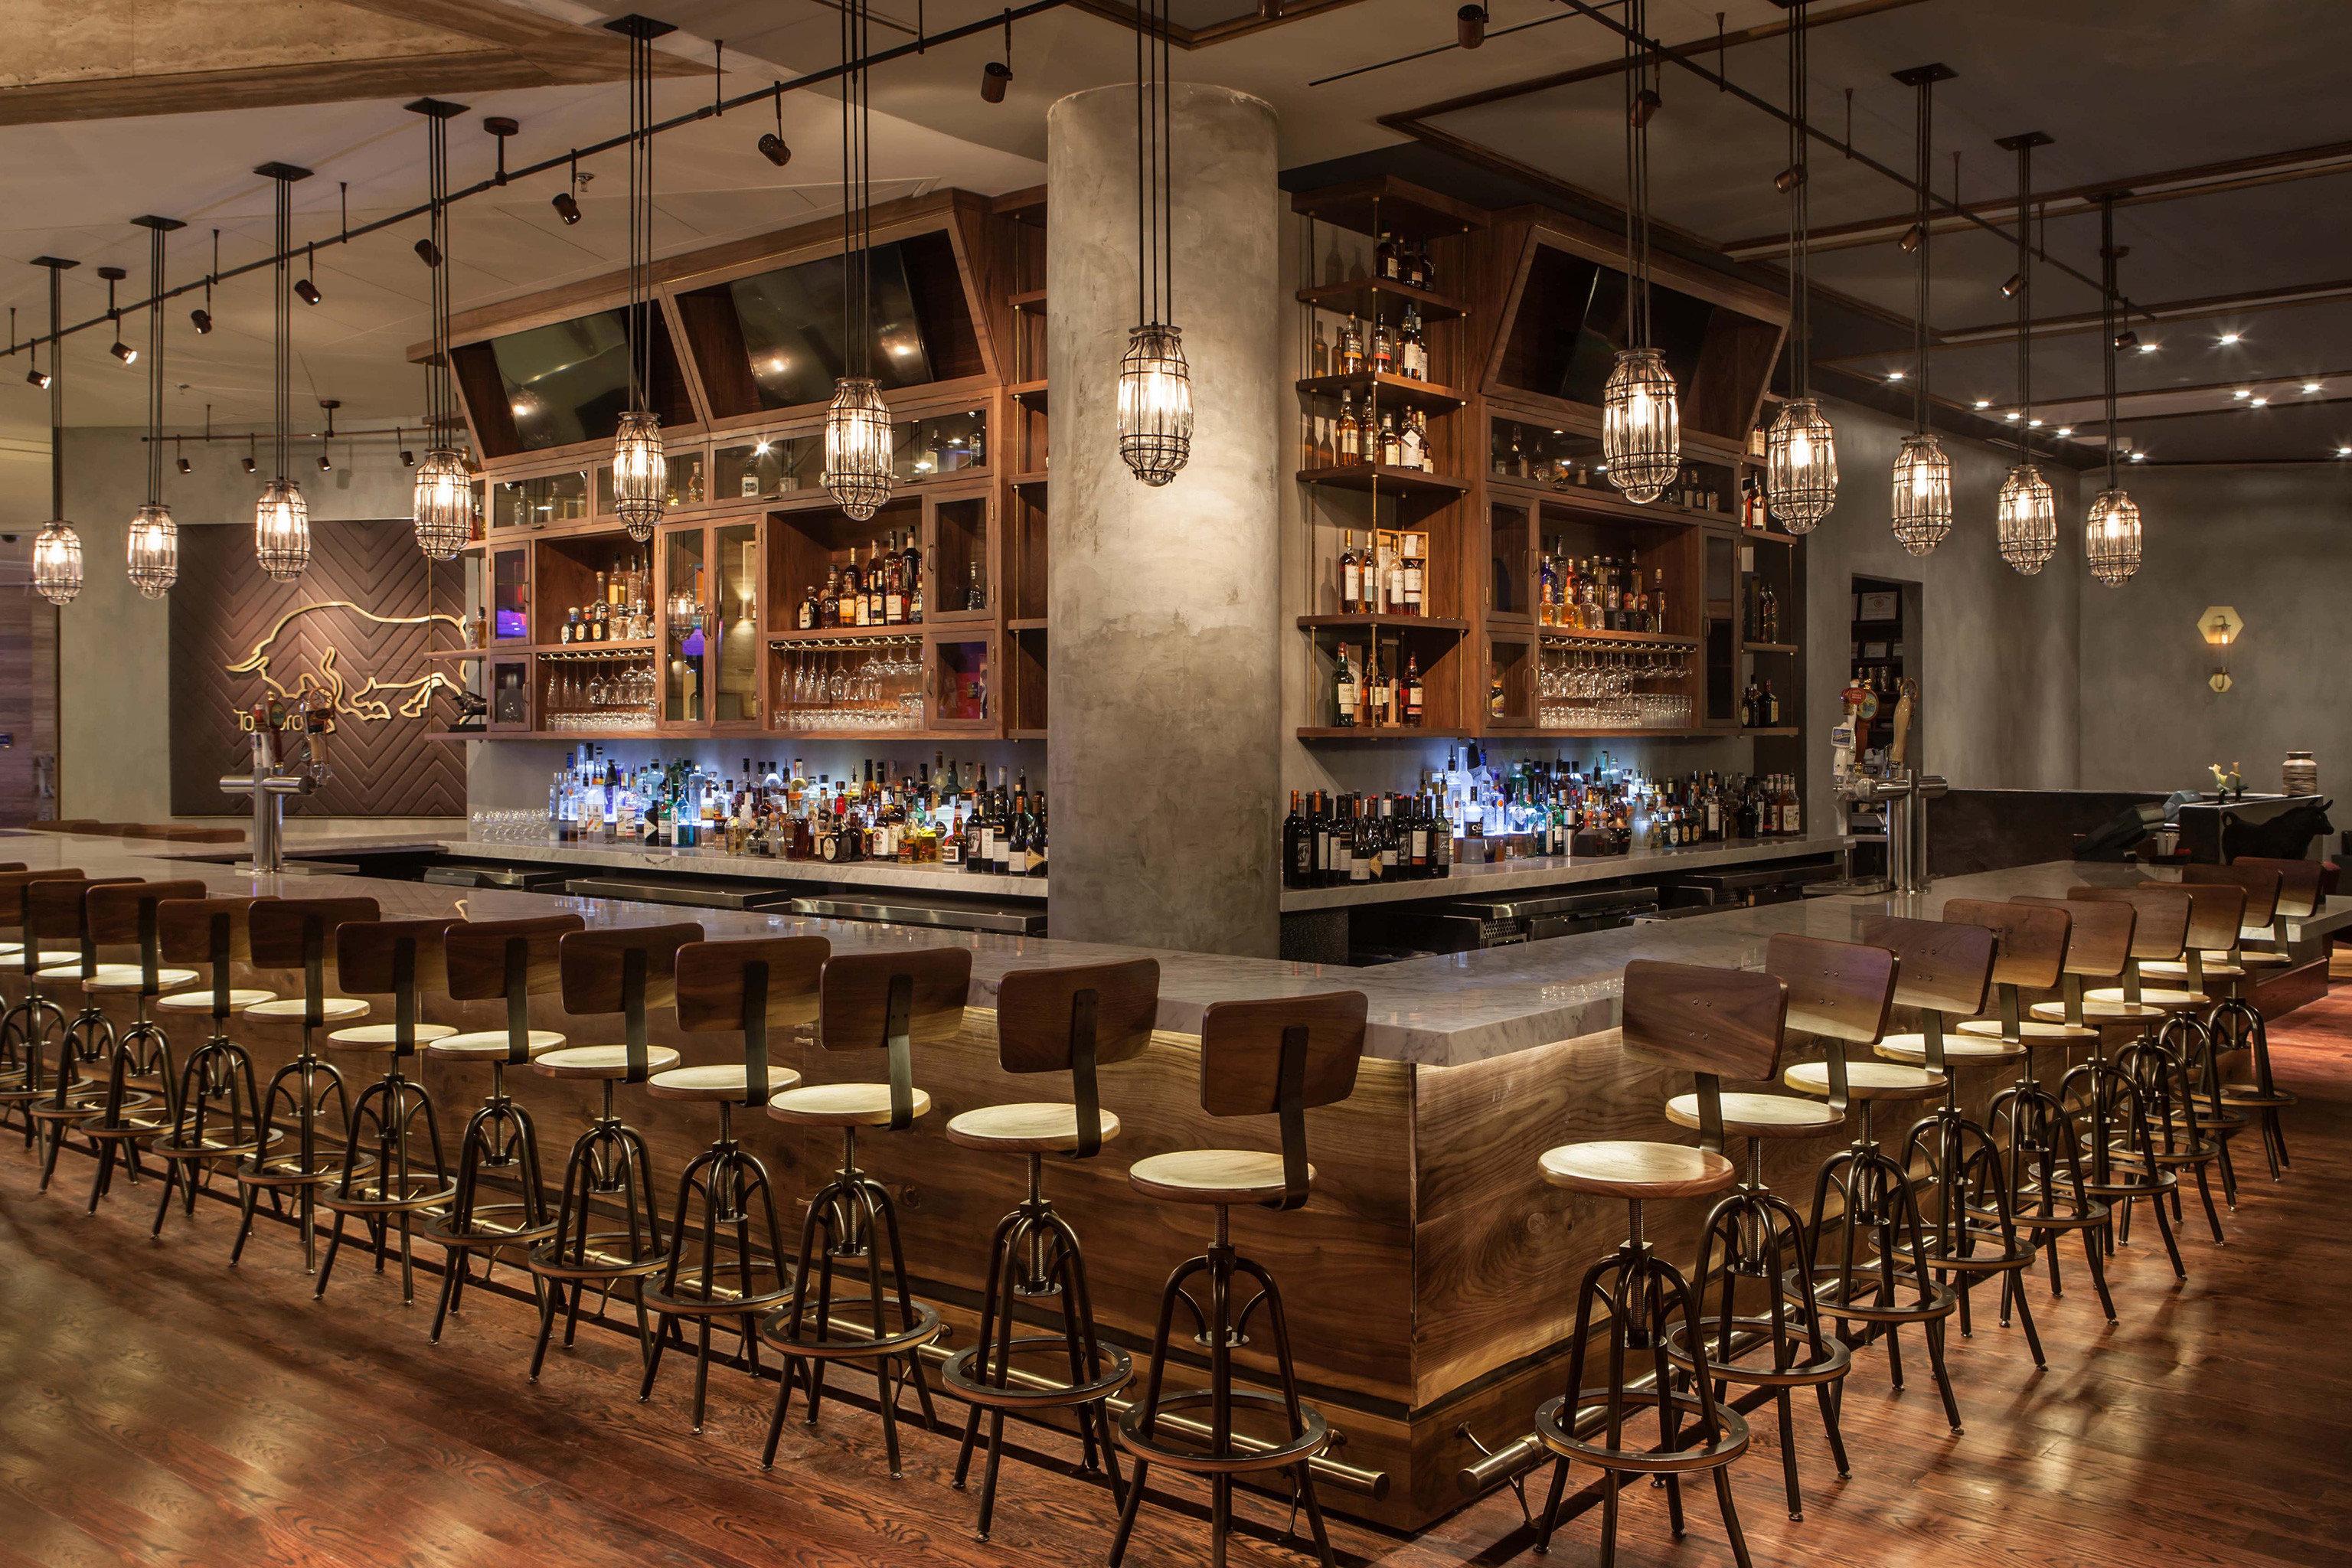 Bar Drink Eat Nightlife Resort function hall restaurant ballroom long lined line